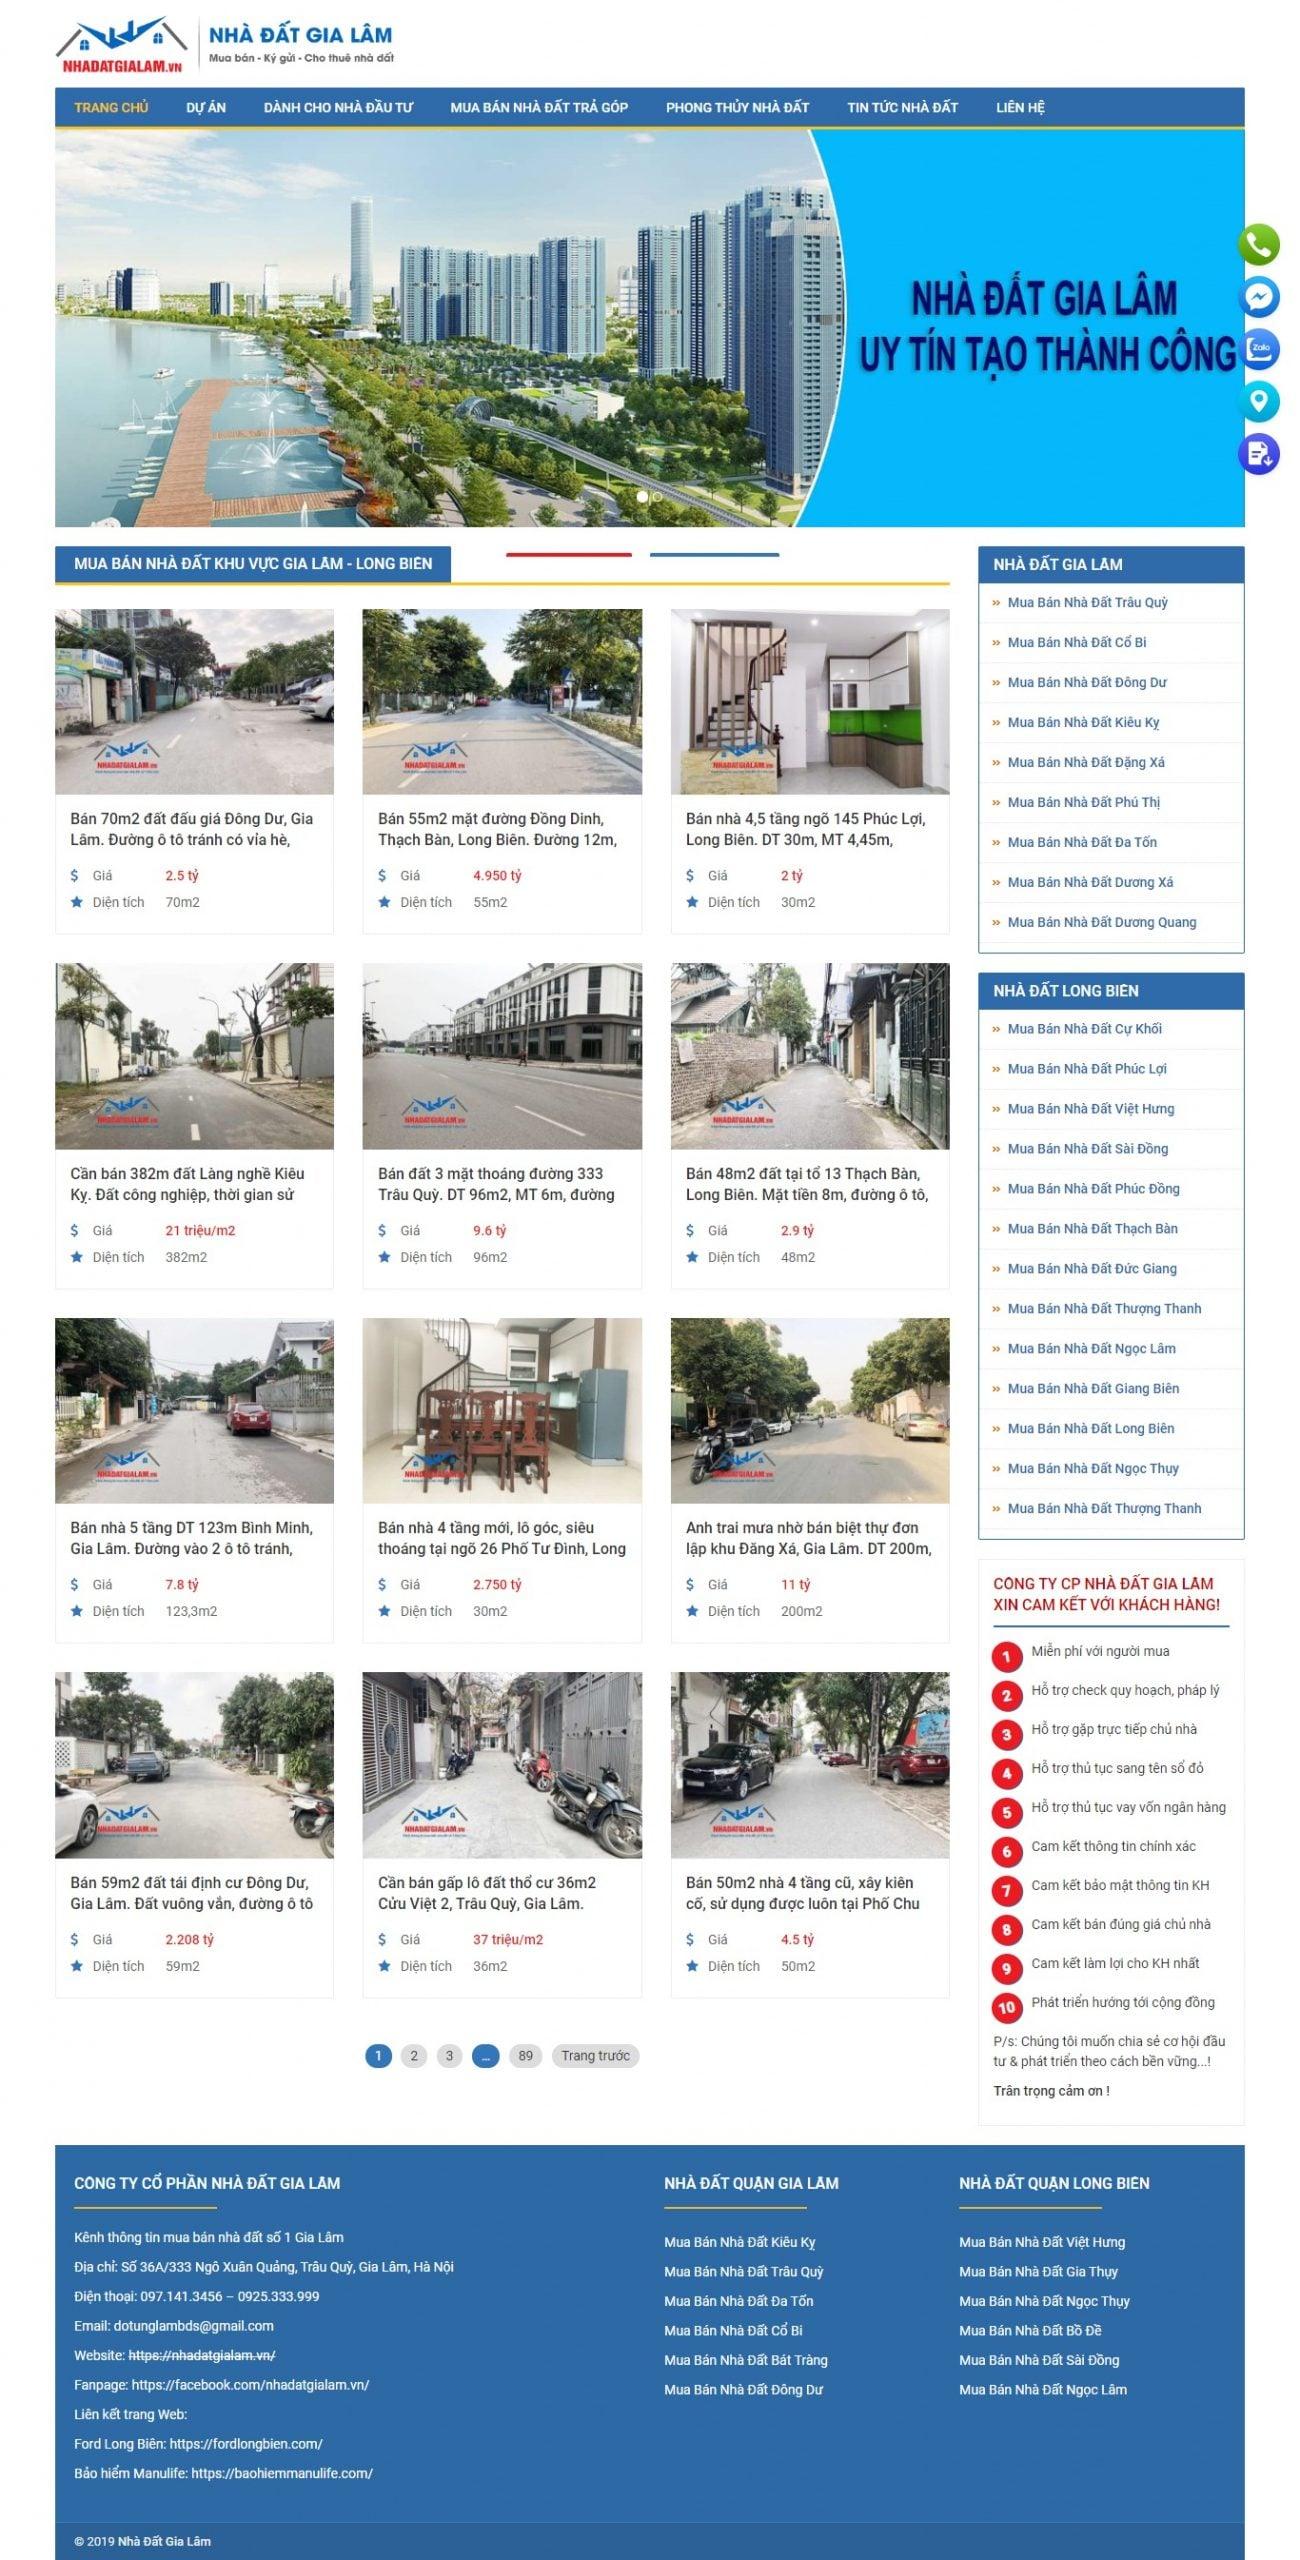 Mẫu thiết kế website bất động sản -nhadatgialam.vn- Nhà đất Gia Lâm – Kênh thông tin bất động sản – Mua bán nhà đất số 1 Gia Lâm